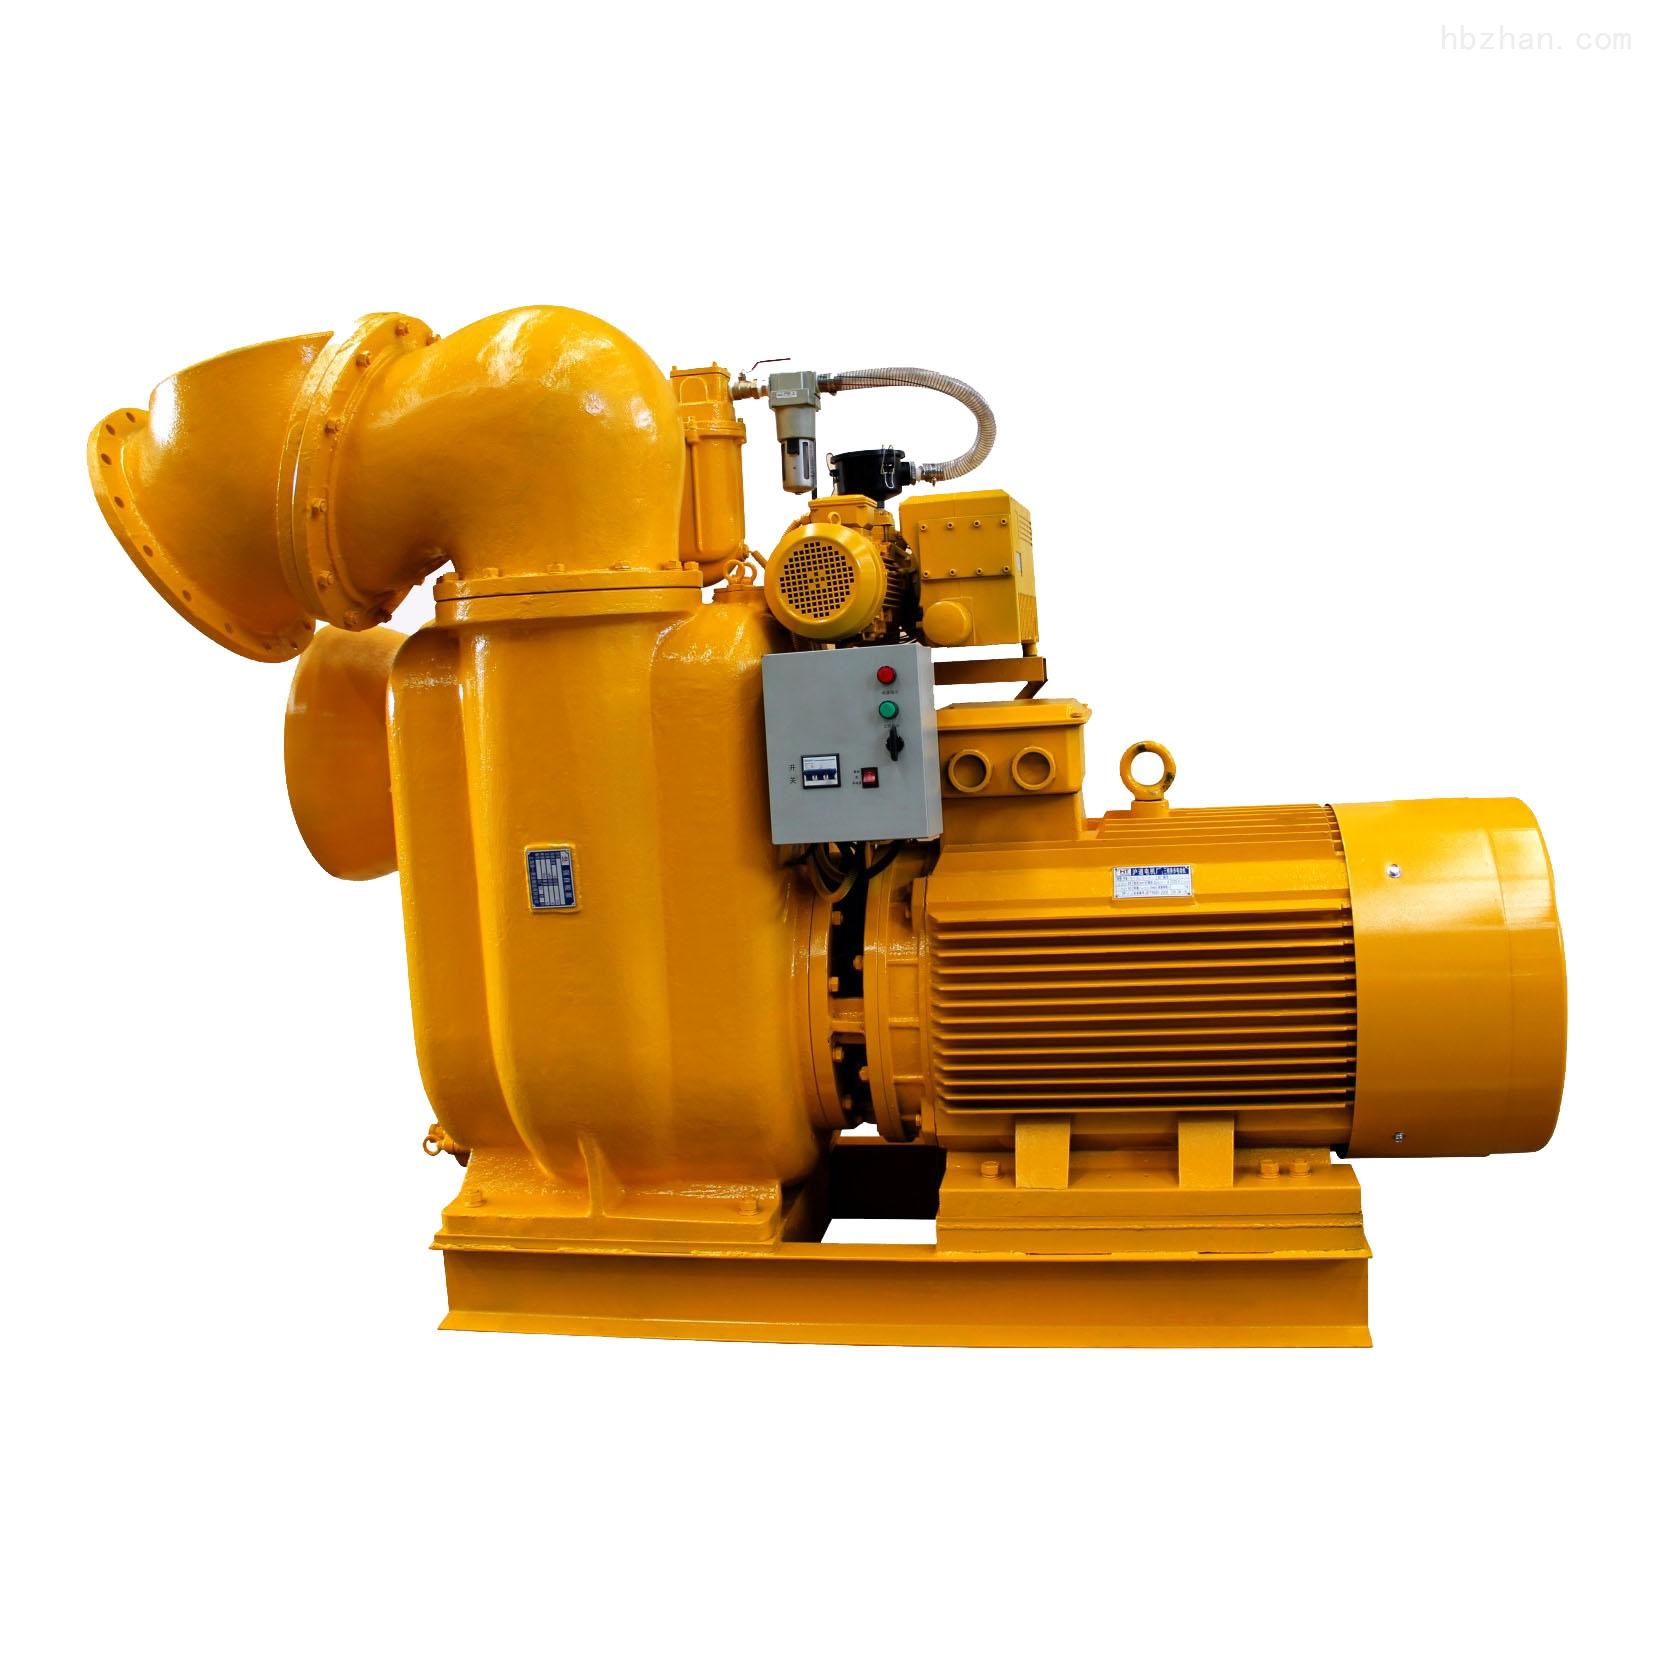 防汛抢险泵设备